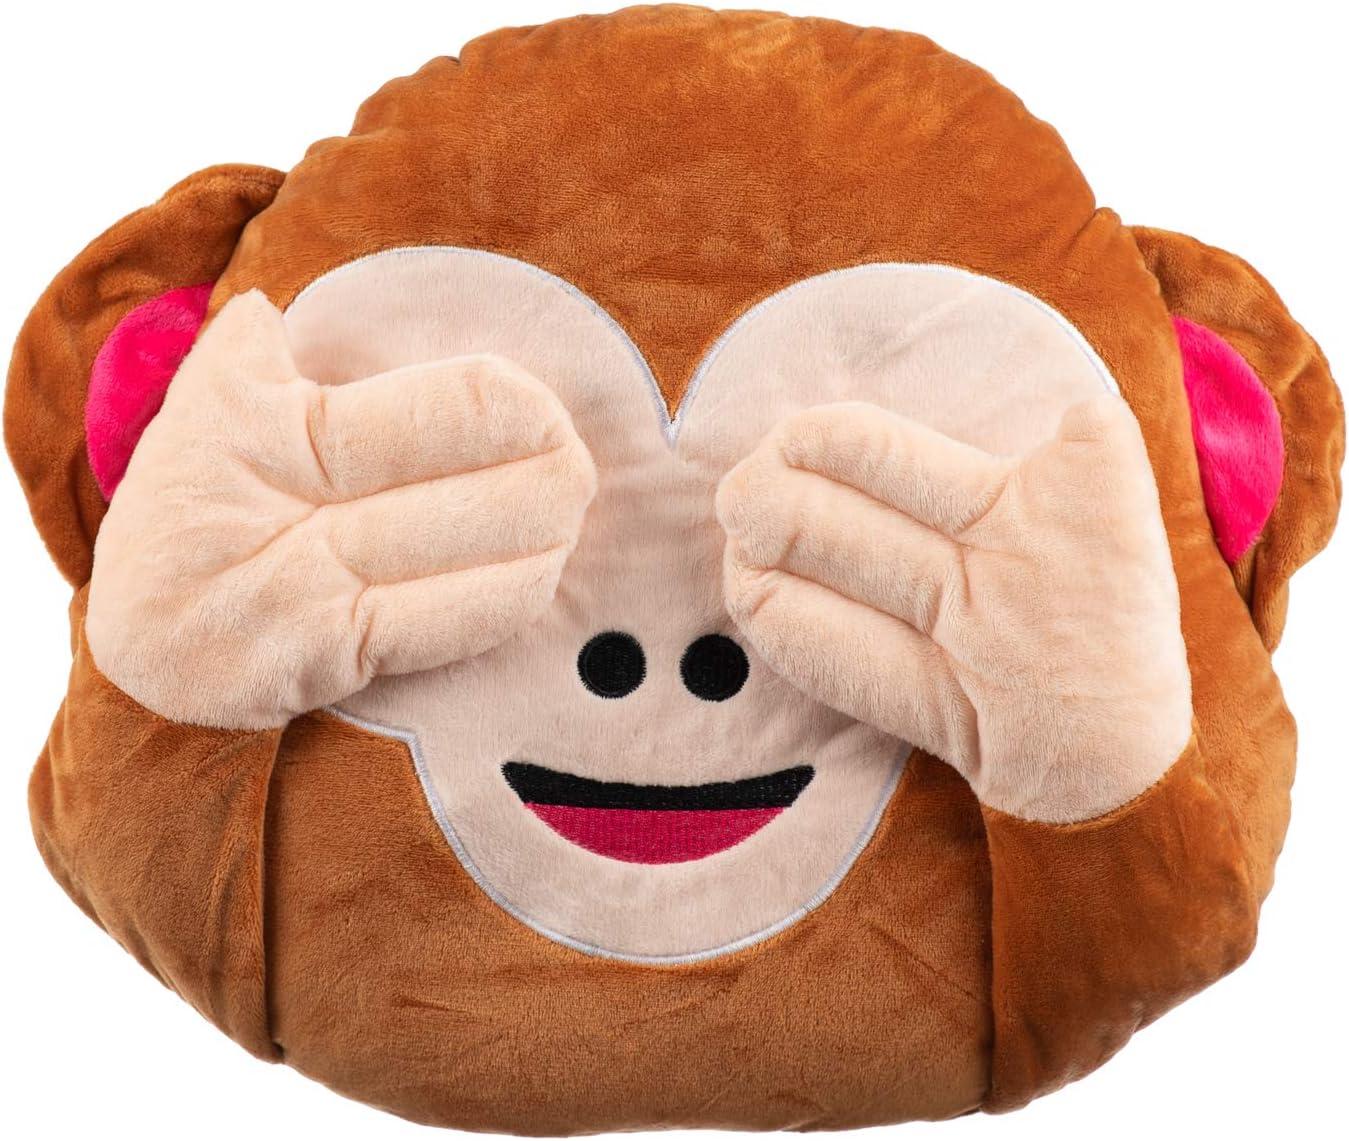 Bouche Emoticone Coussin Smiley Emoji Singe 37x32 Cm Toucher Tres Doux 3 Assortis Cuisine Maison Ameublement Et Decoration